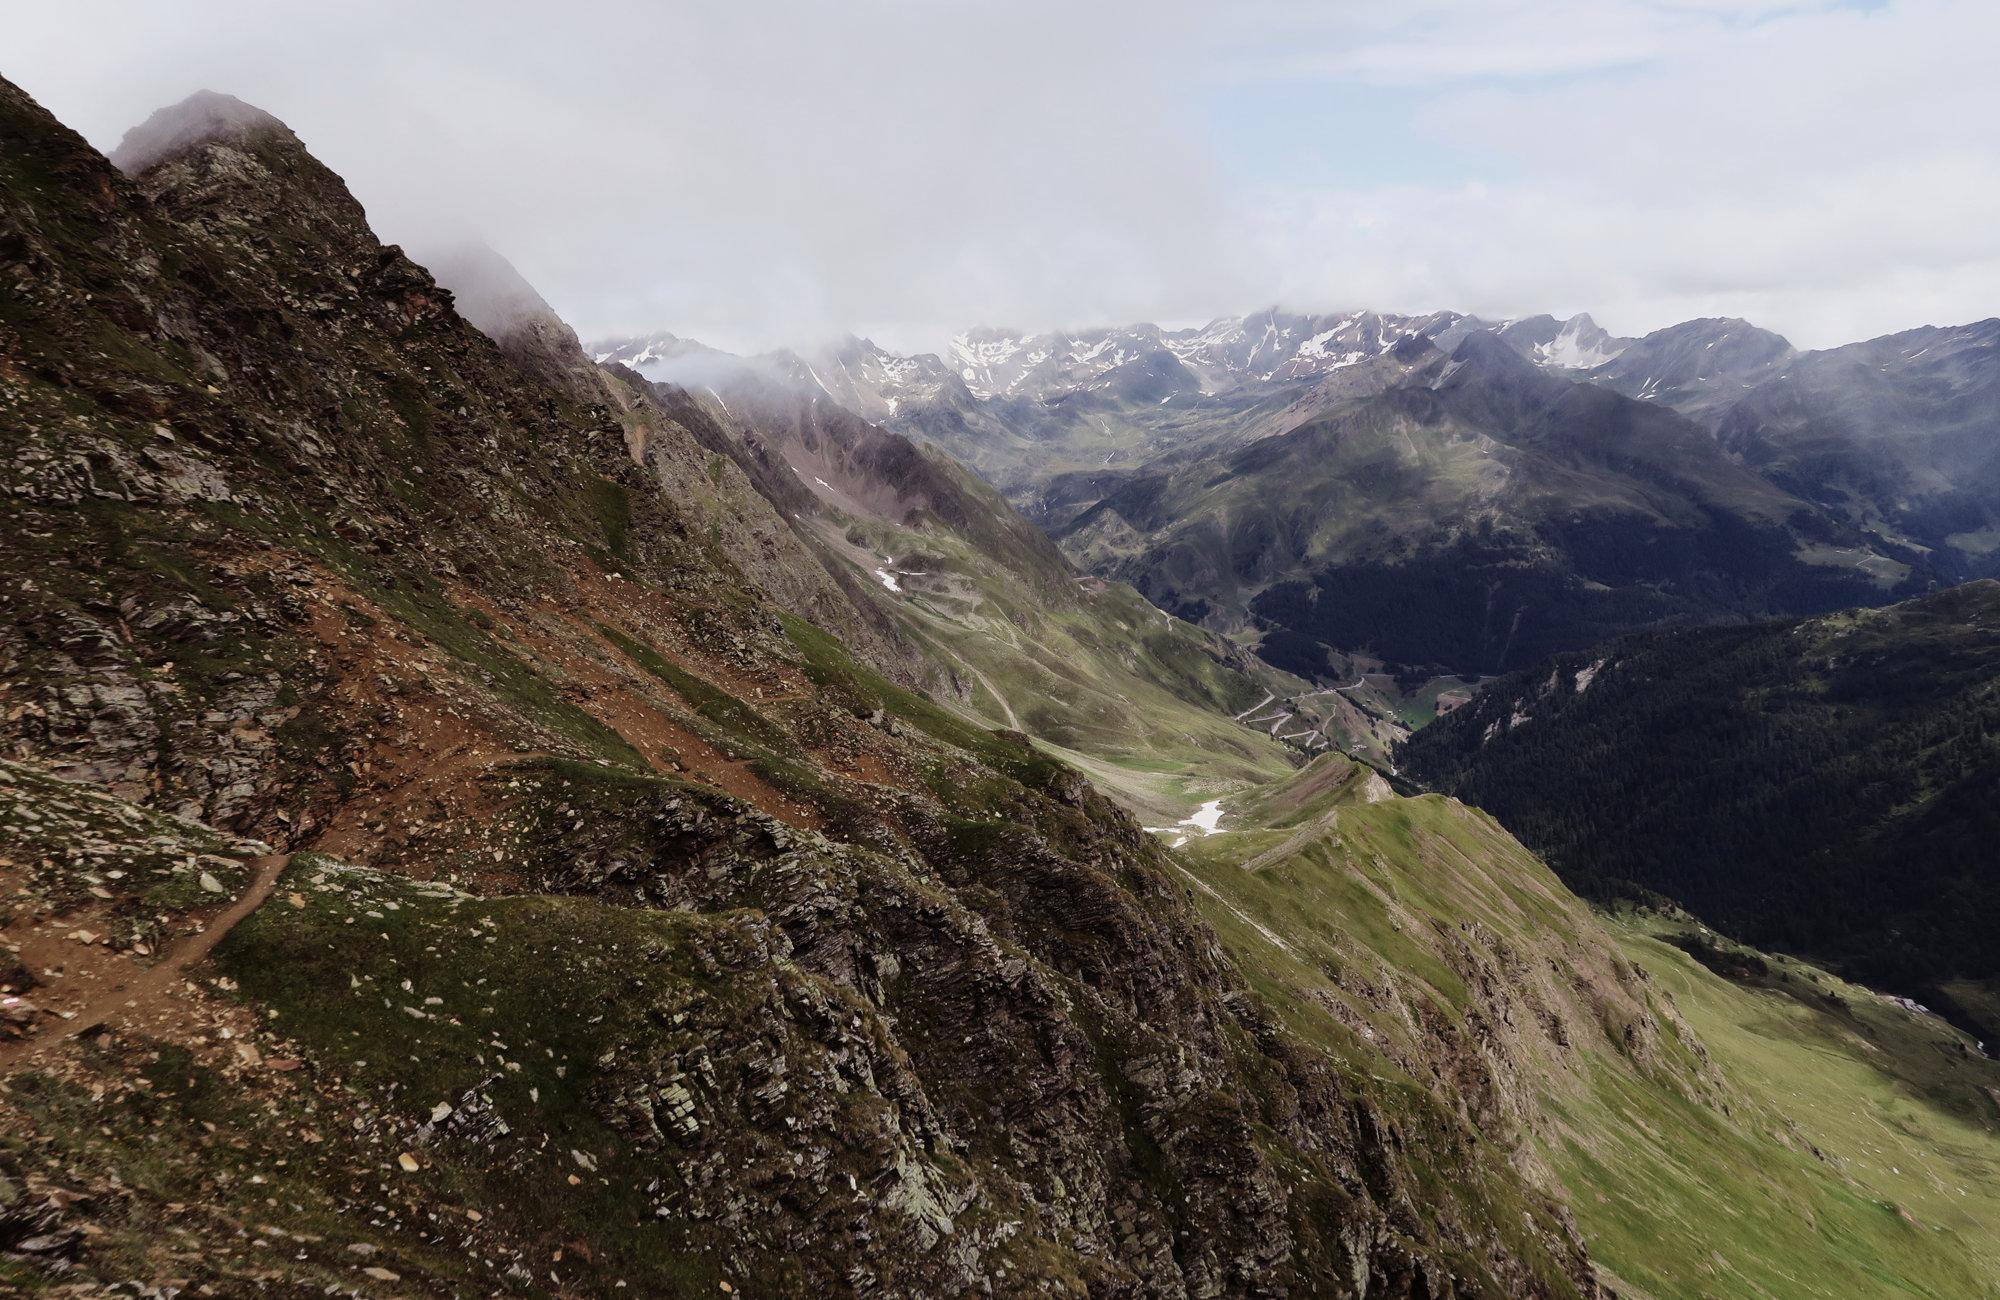 Abstieg vom Königsjoch zur Oberglanegg Alm, Wanderung Königsjoch, Obergurgl nach Südtirol, Bergwandern Ötztal, Wandertour Ötztal, Stubaier Alpen, Tirol